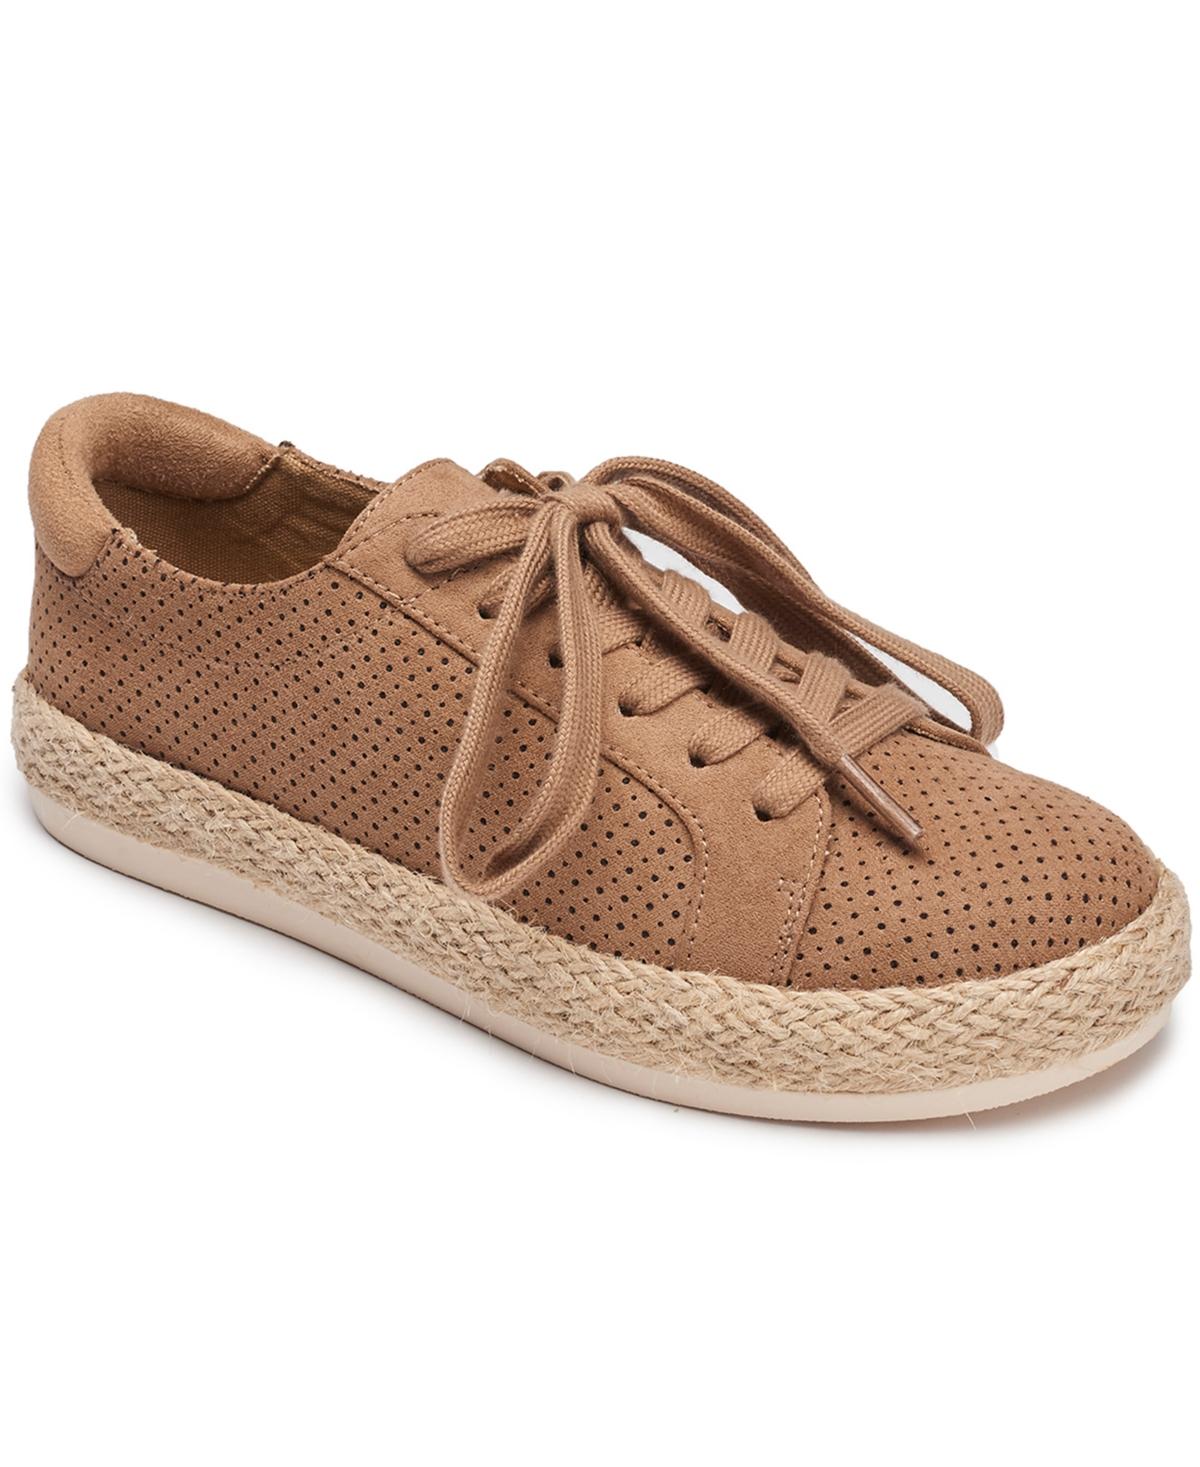 Esprit Nelle Sneakers Women's Shoes